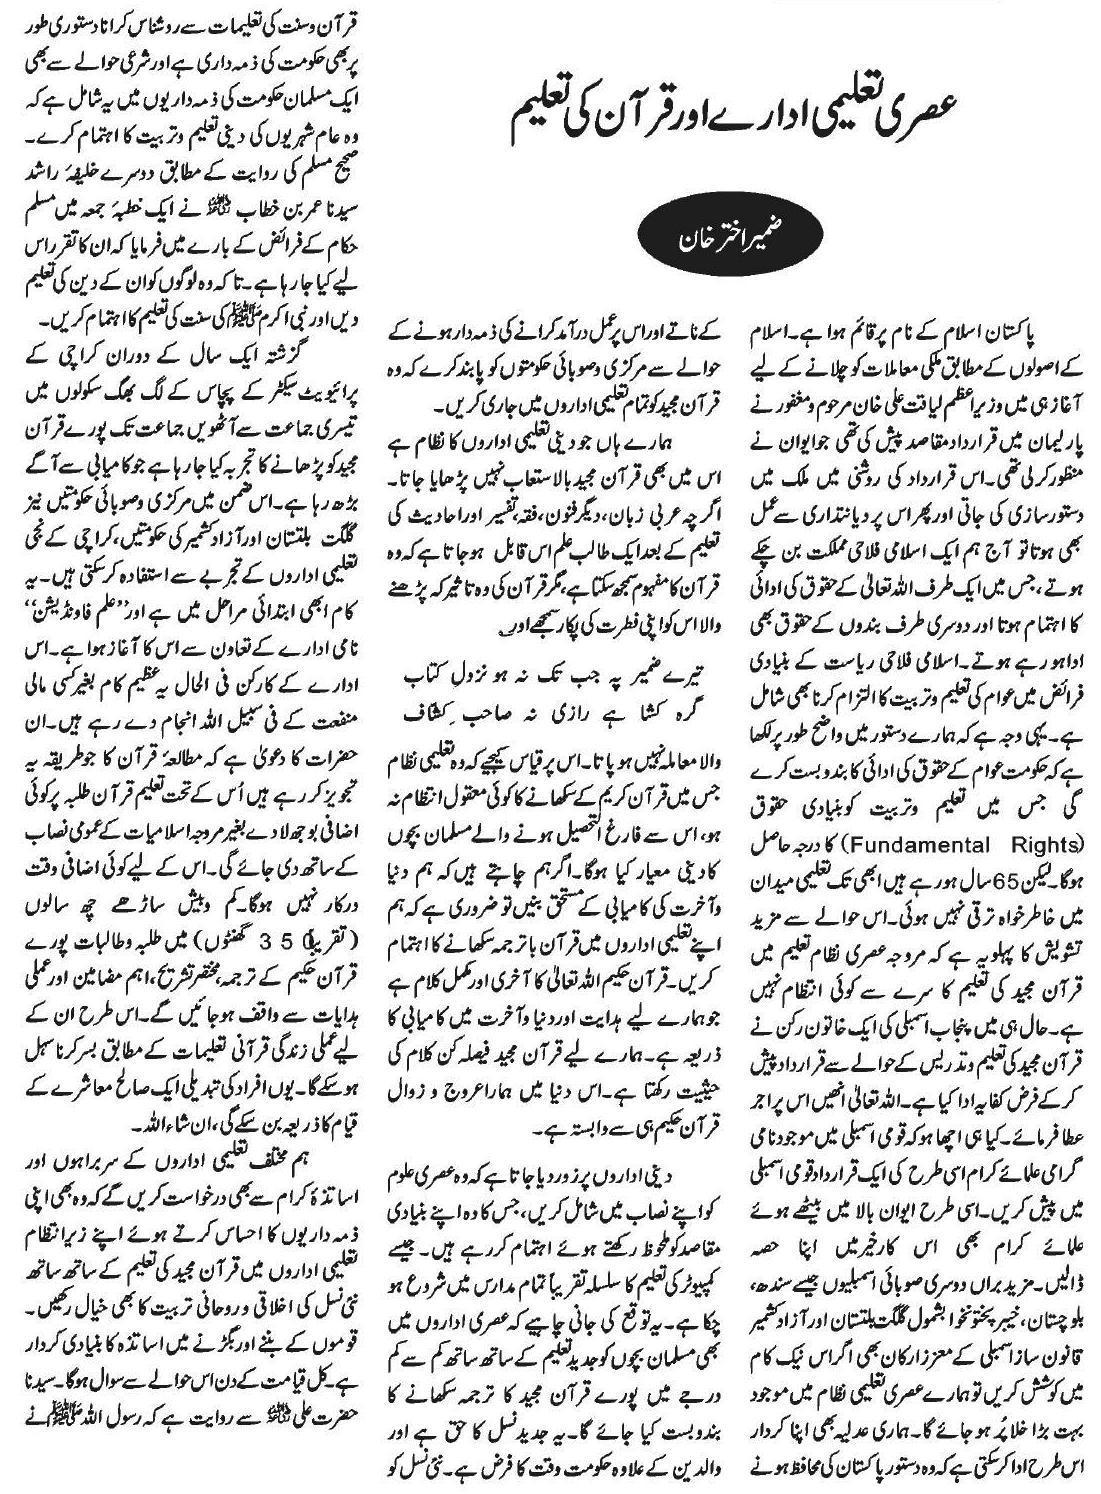 Budget speech 2012-13 in urdu pakistan